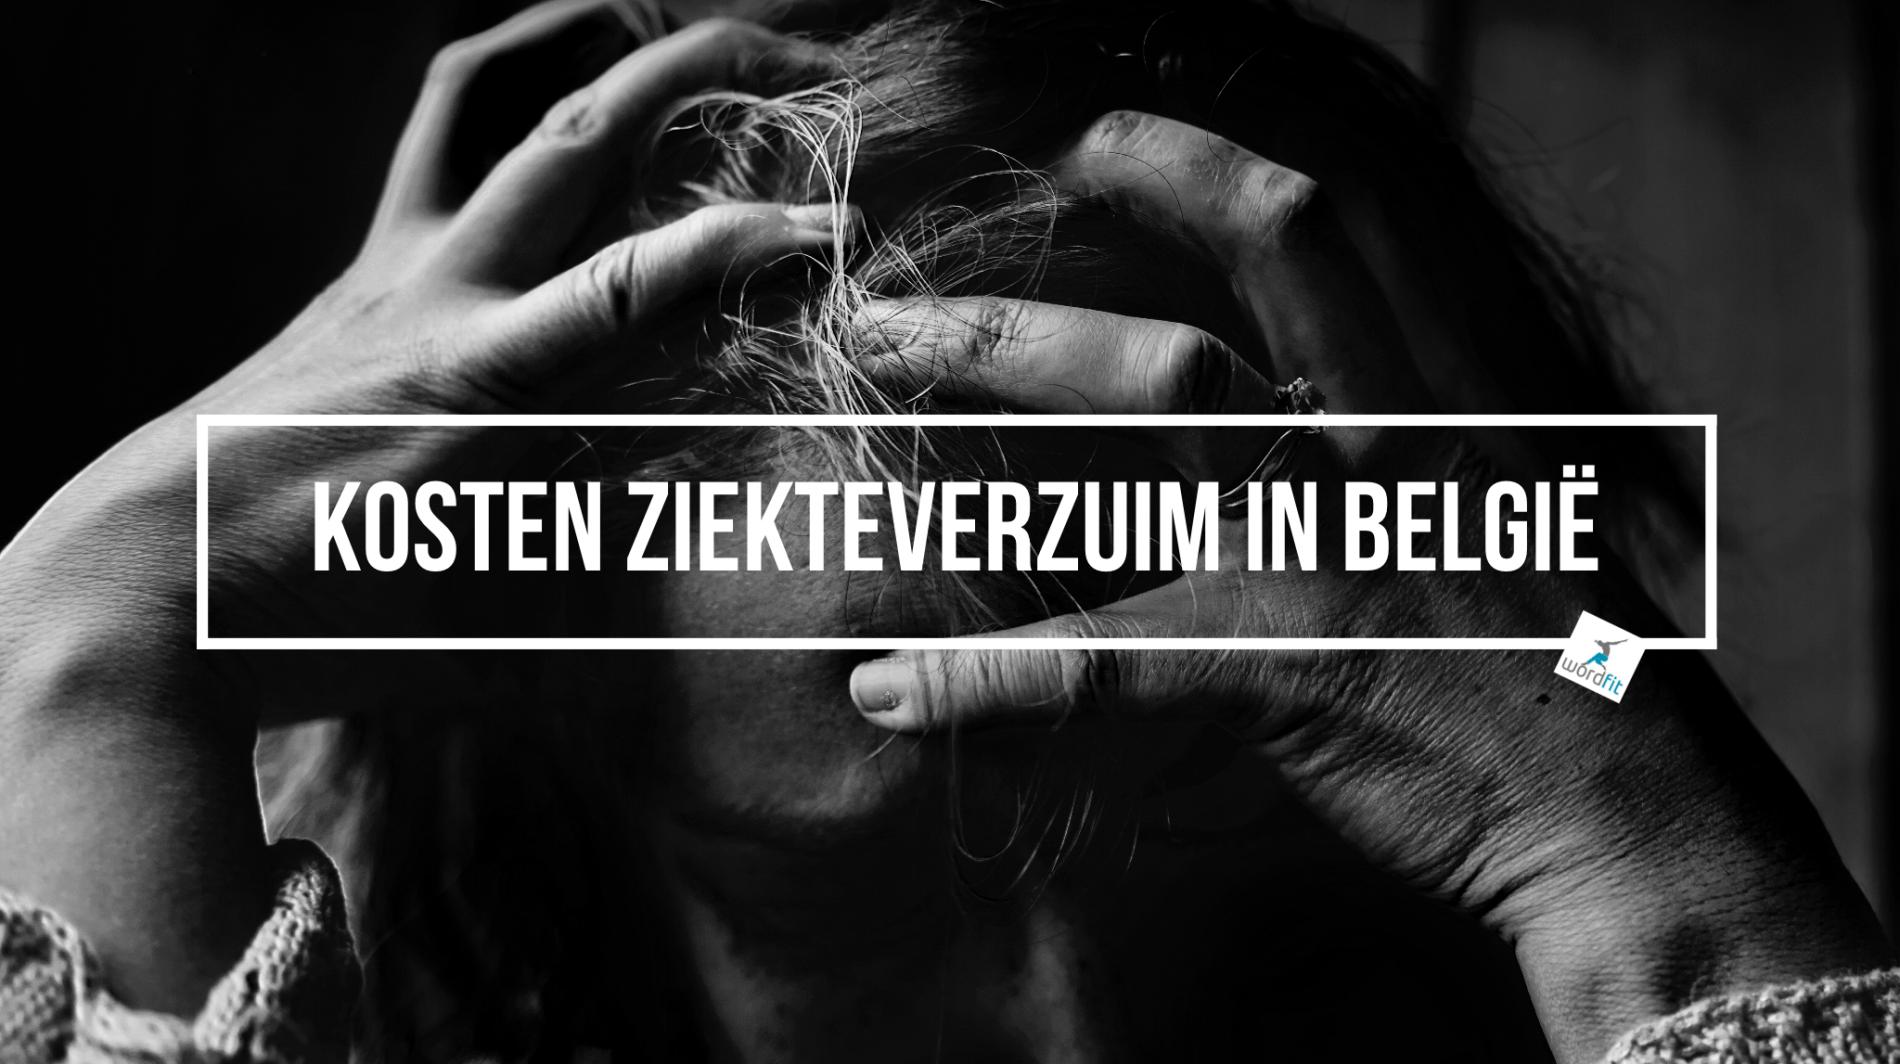 Kosten ziekteverzuim België WordFit.be